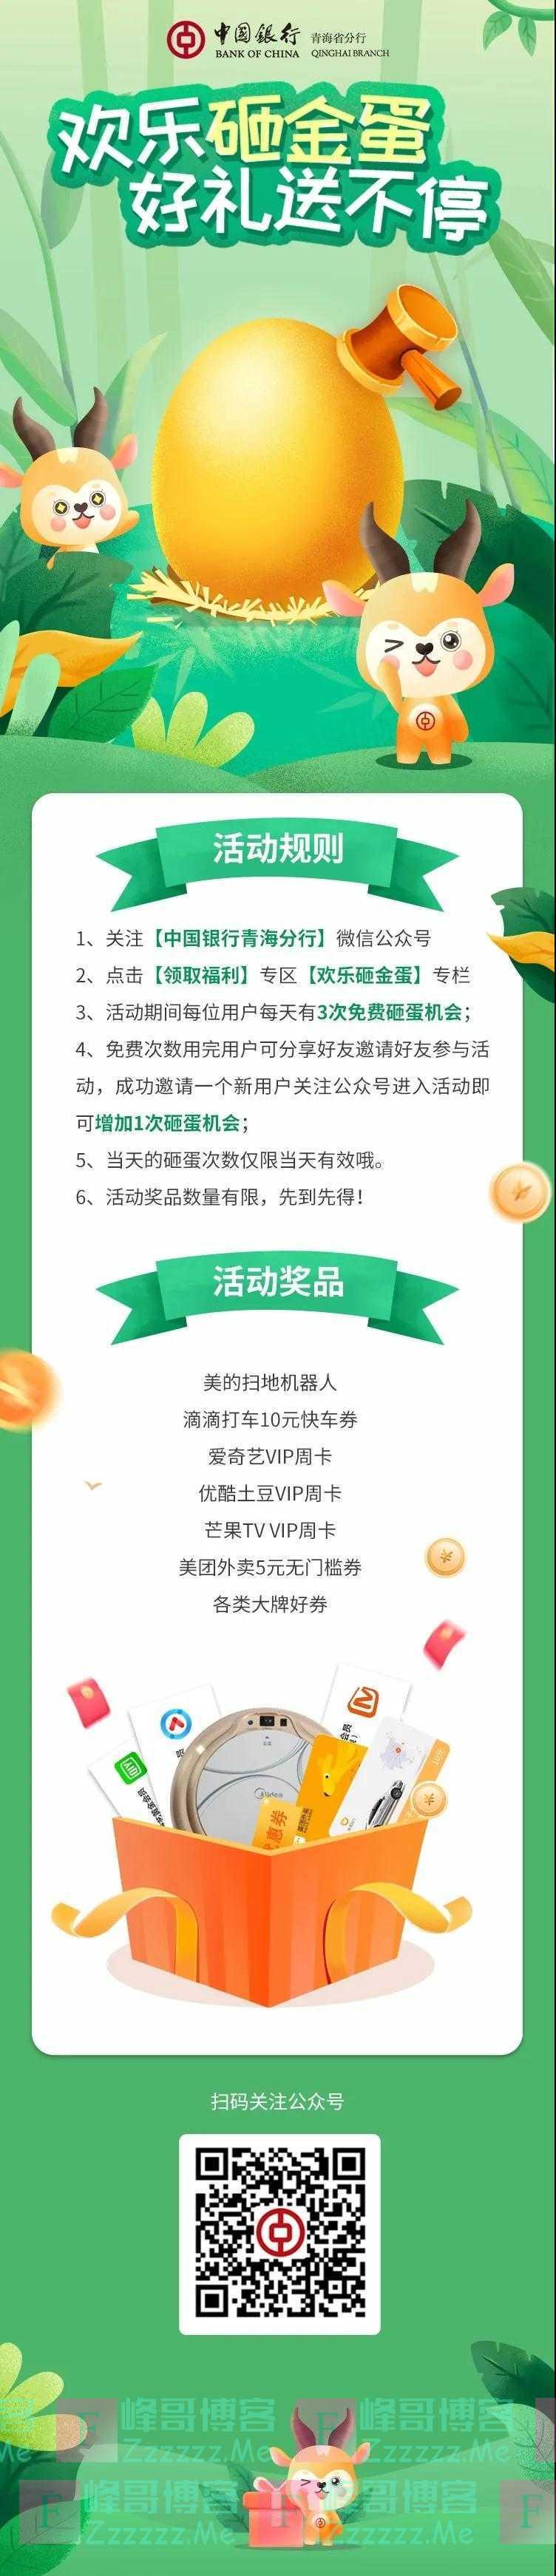 中国银行青海分行欢乐砸金蛋,好礼送不停(截止不详)